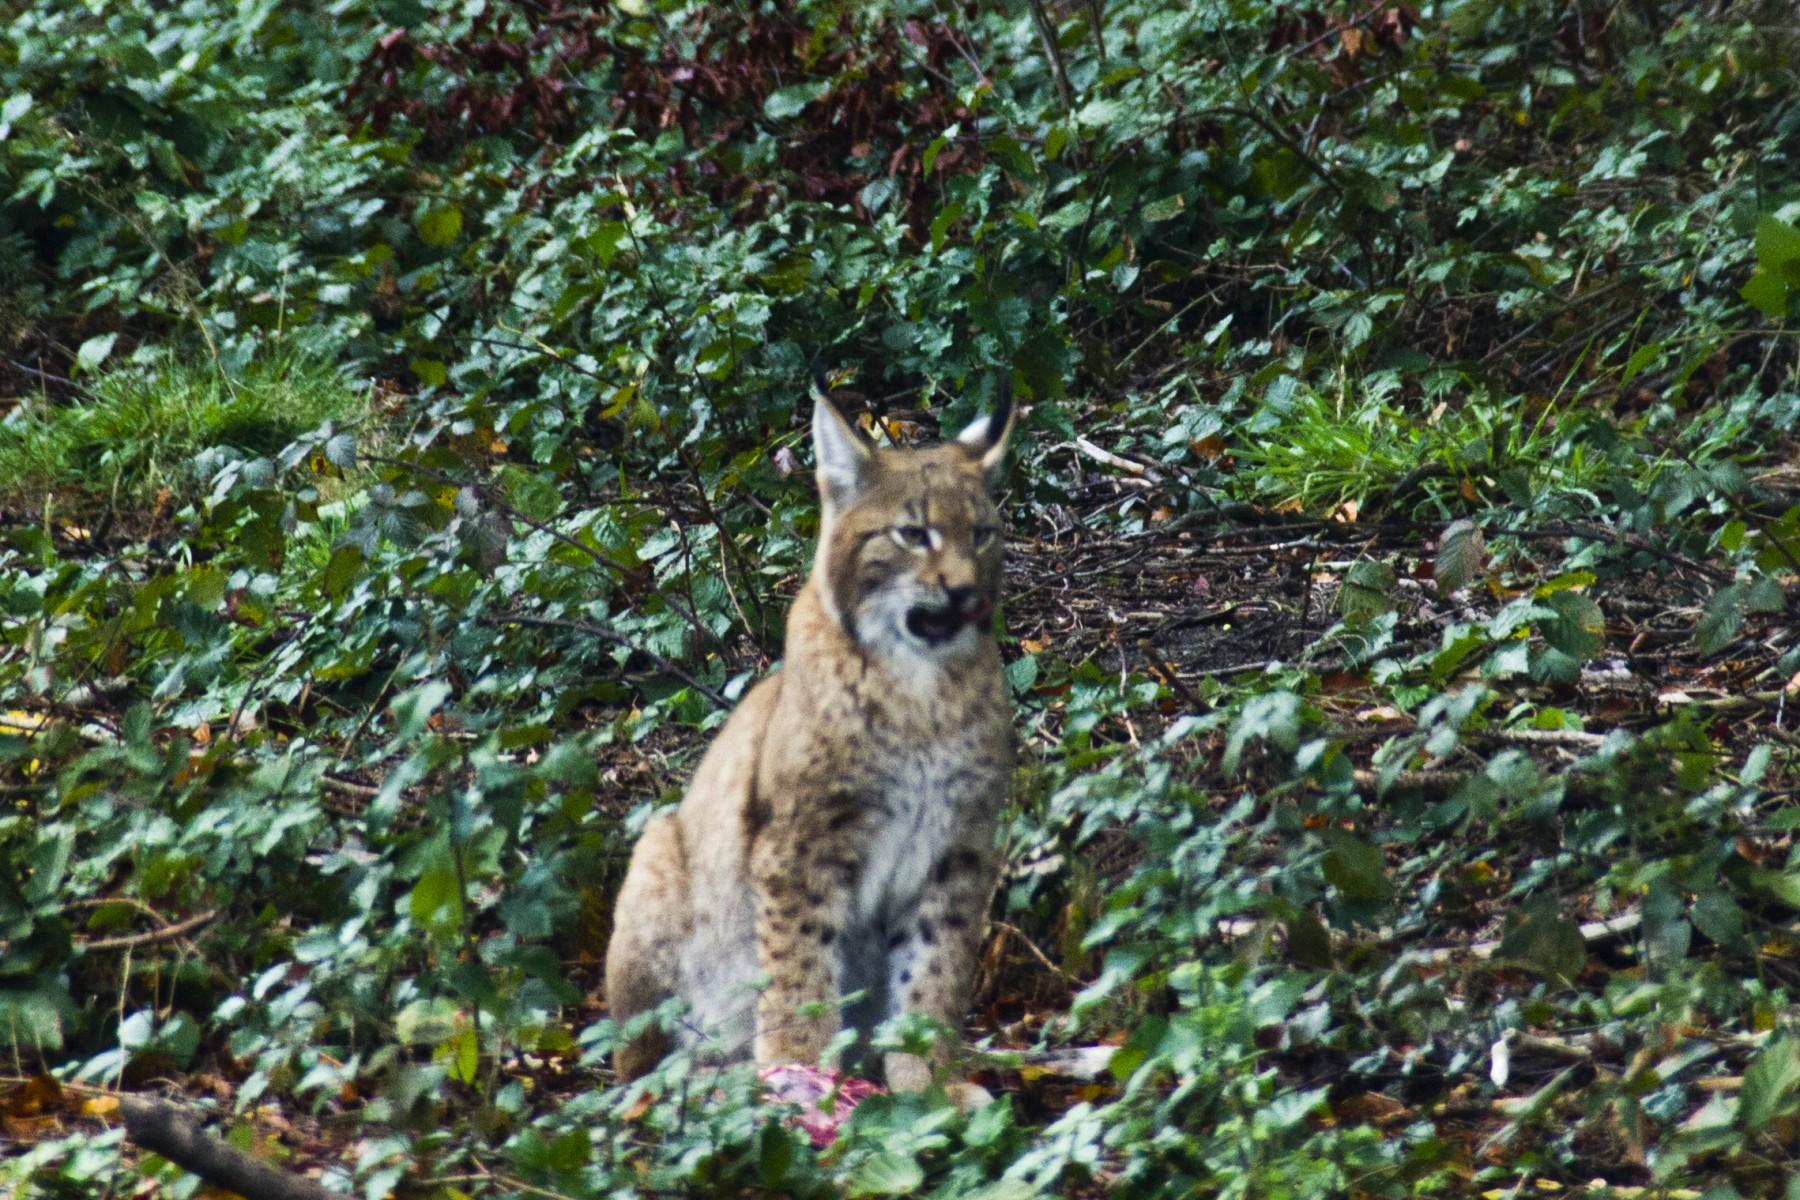 biotopwildpark-anholter-schweiz-201019-isselburg-dld_mg_7758-b